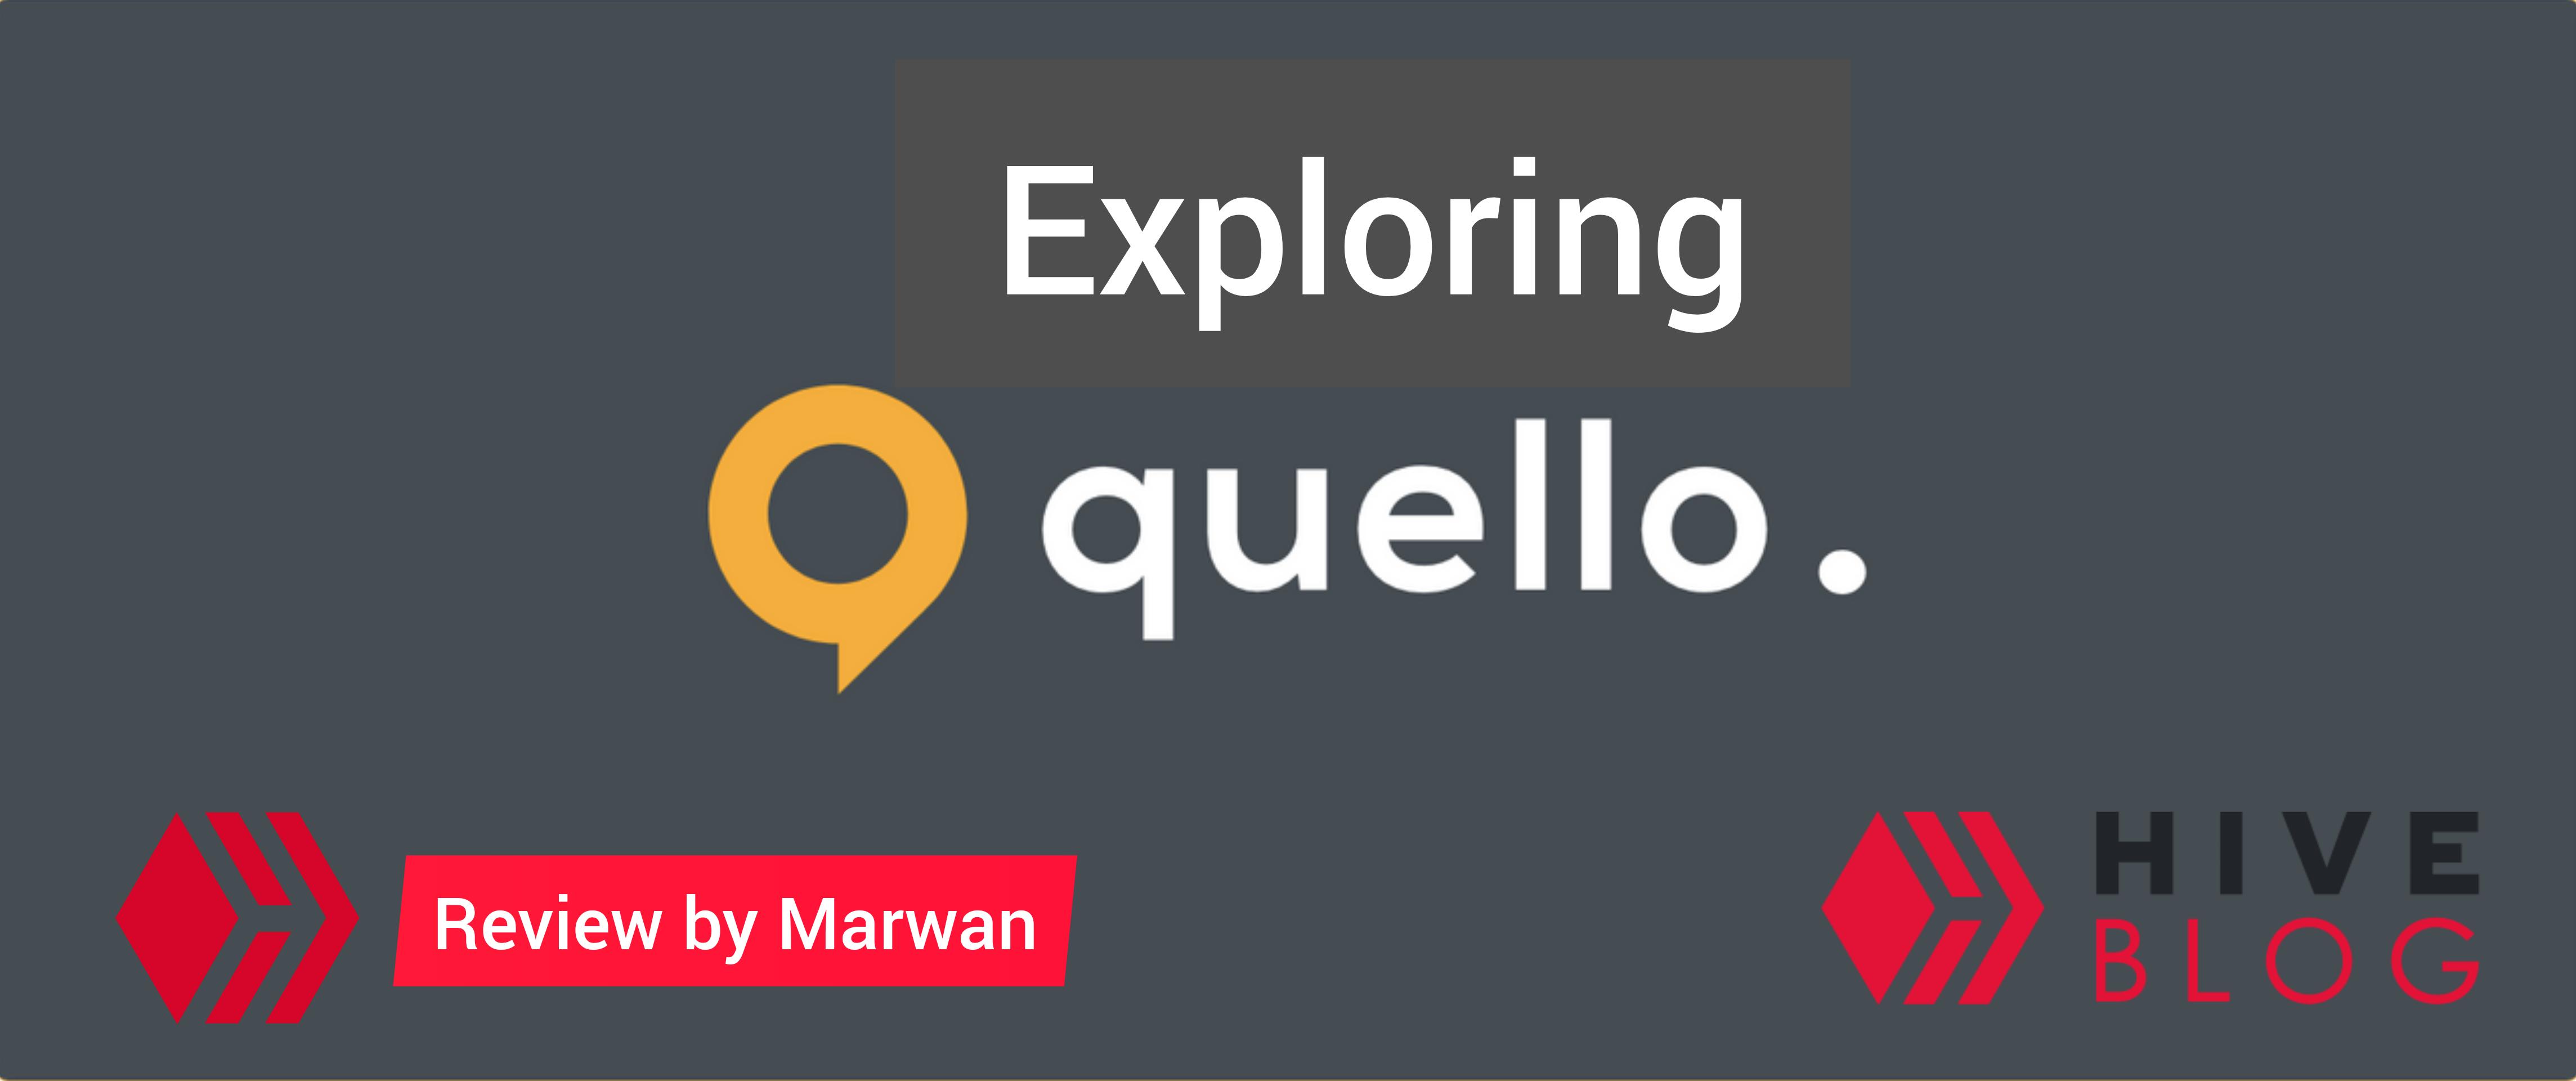 Exploring Quello